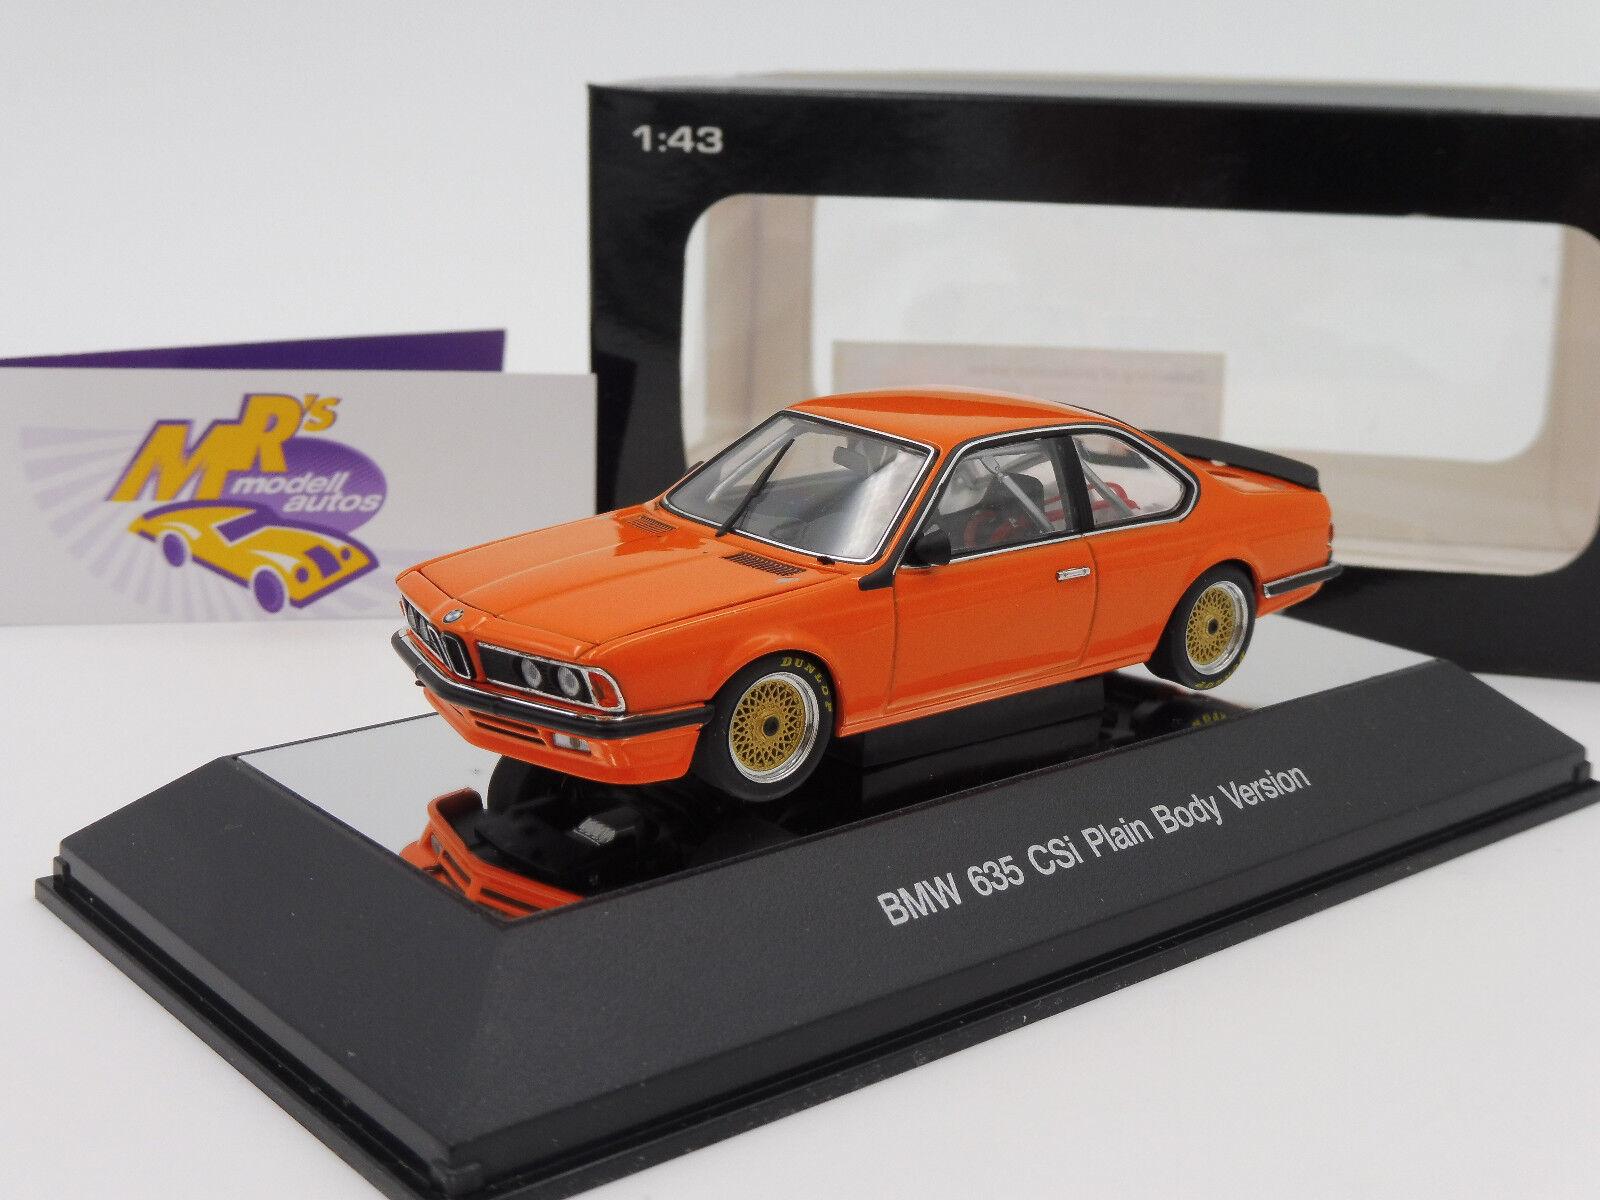 AUTOart 68448   BMW 635 CSi Baujahr 1984 Plain Body Version   Orange   1 43  | Kaufen